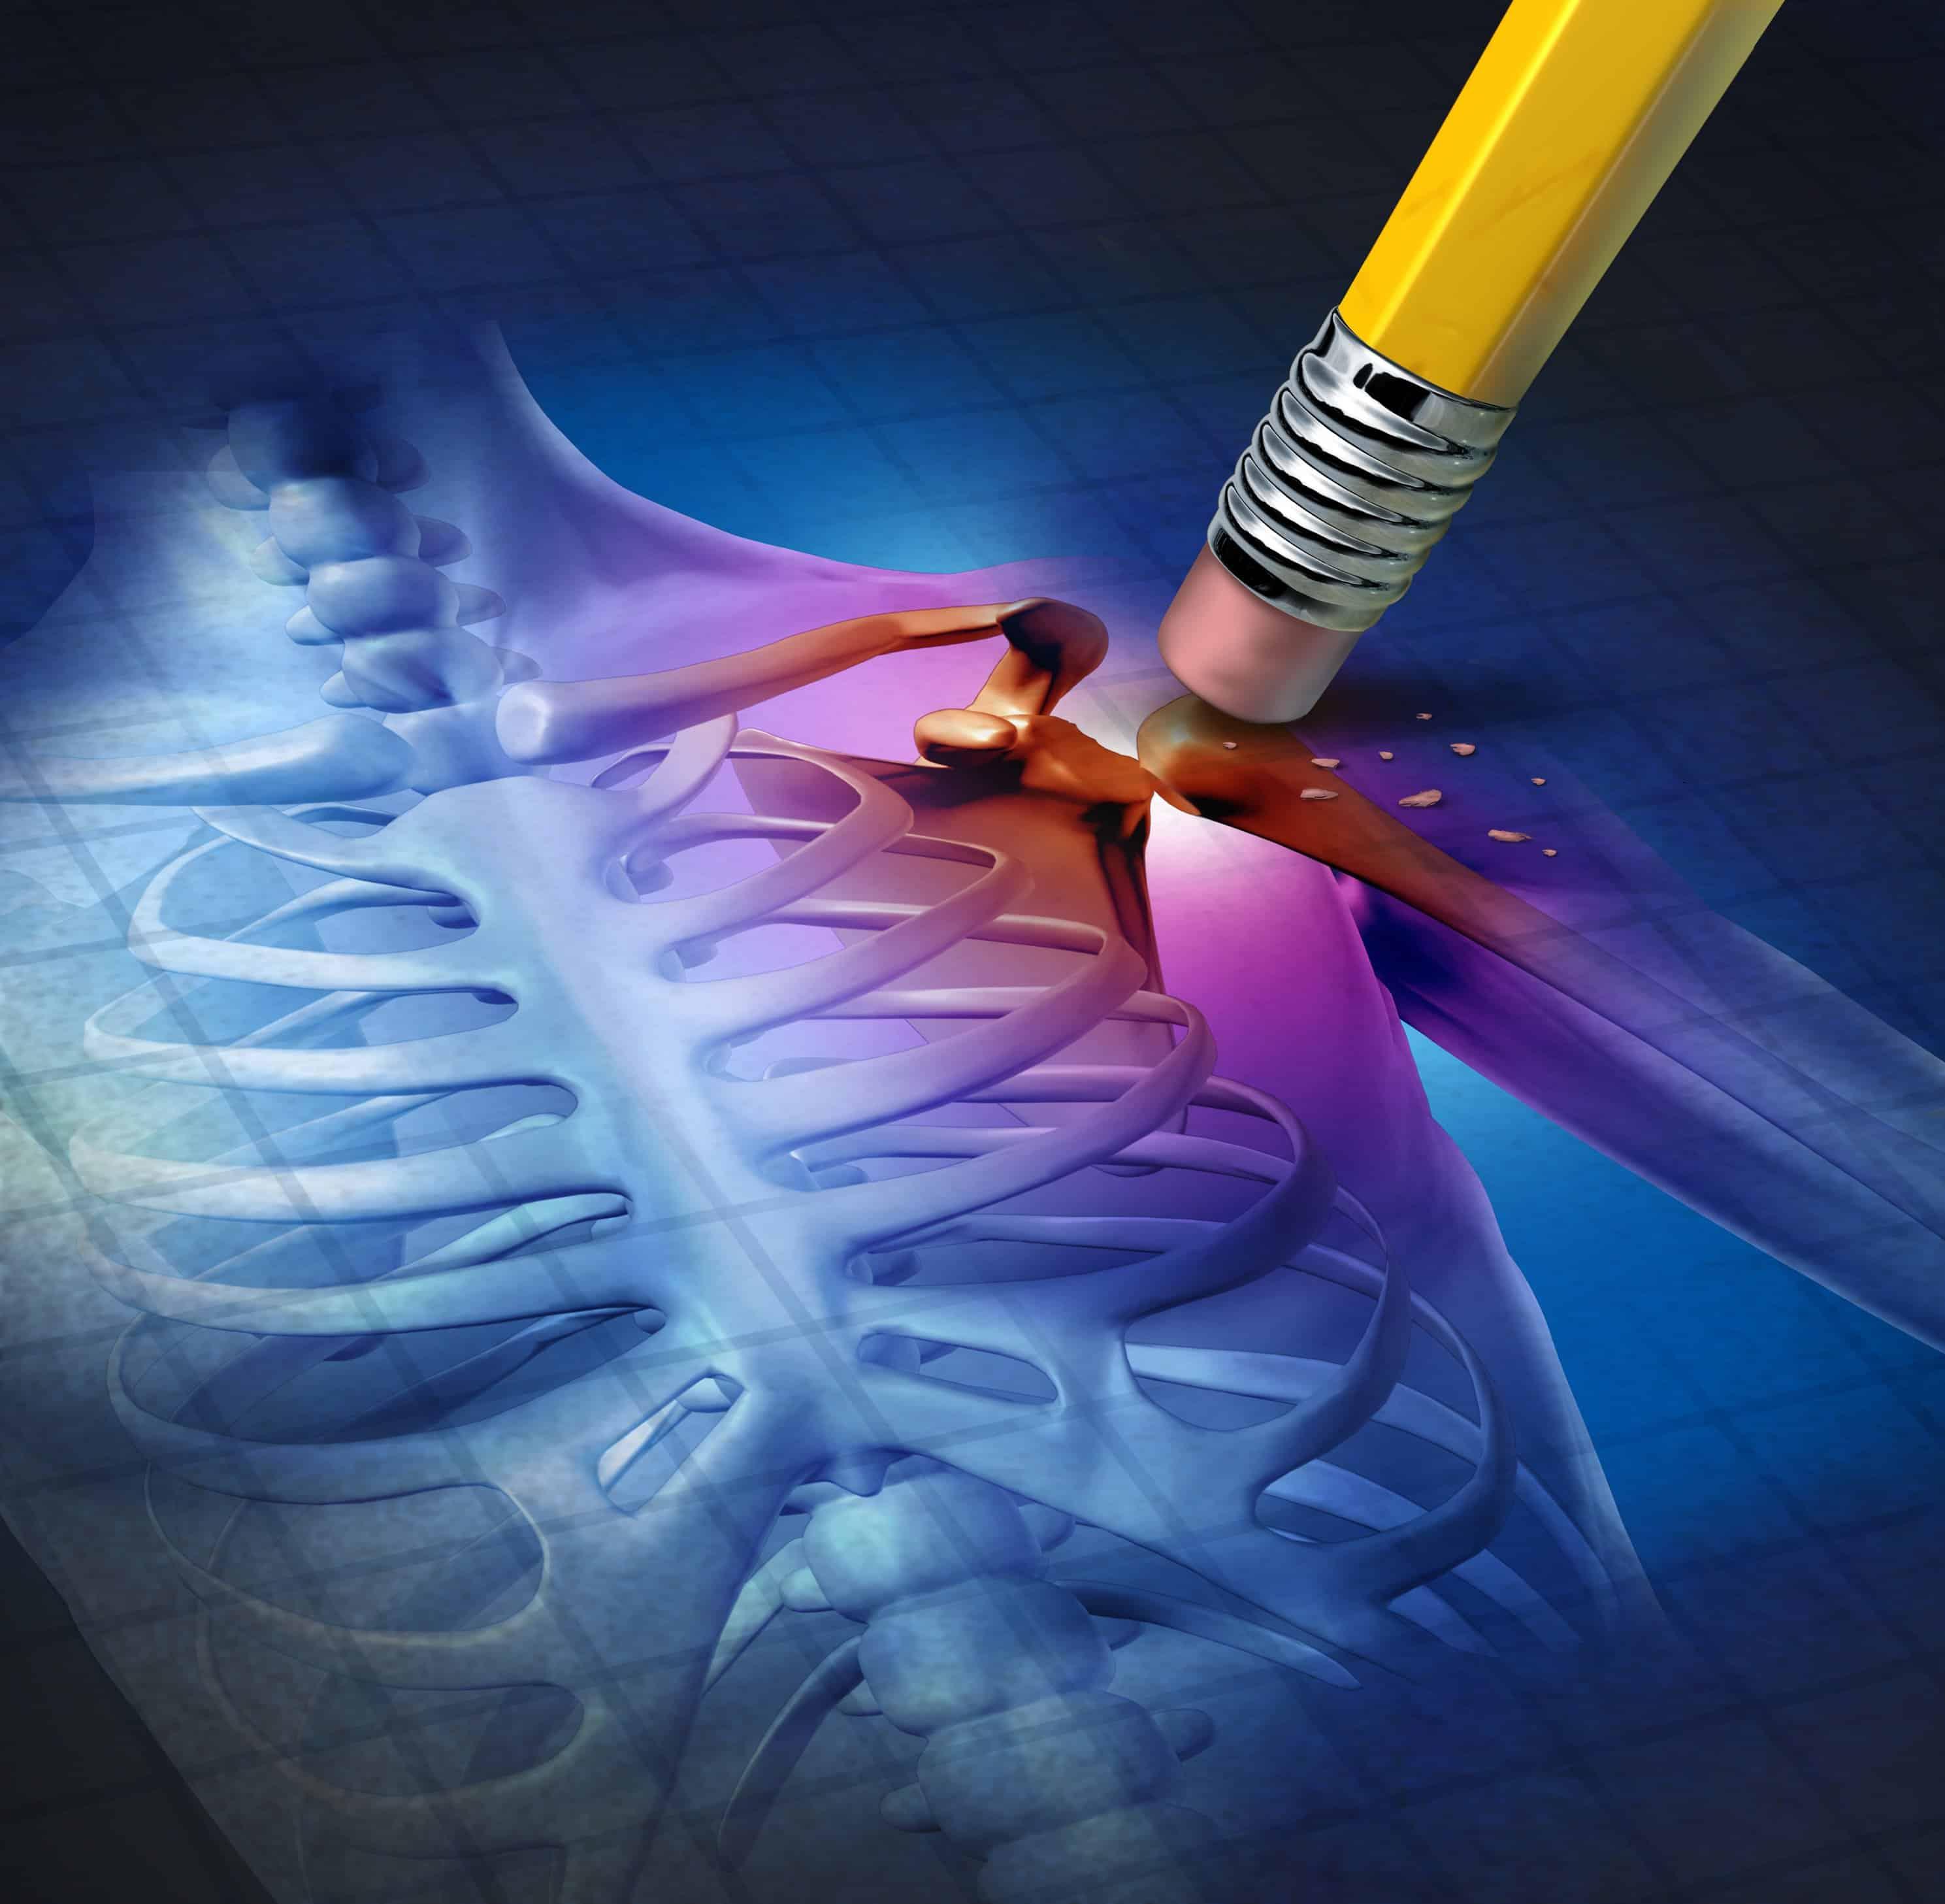 pencil erasing pain on a skeletal shoulder